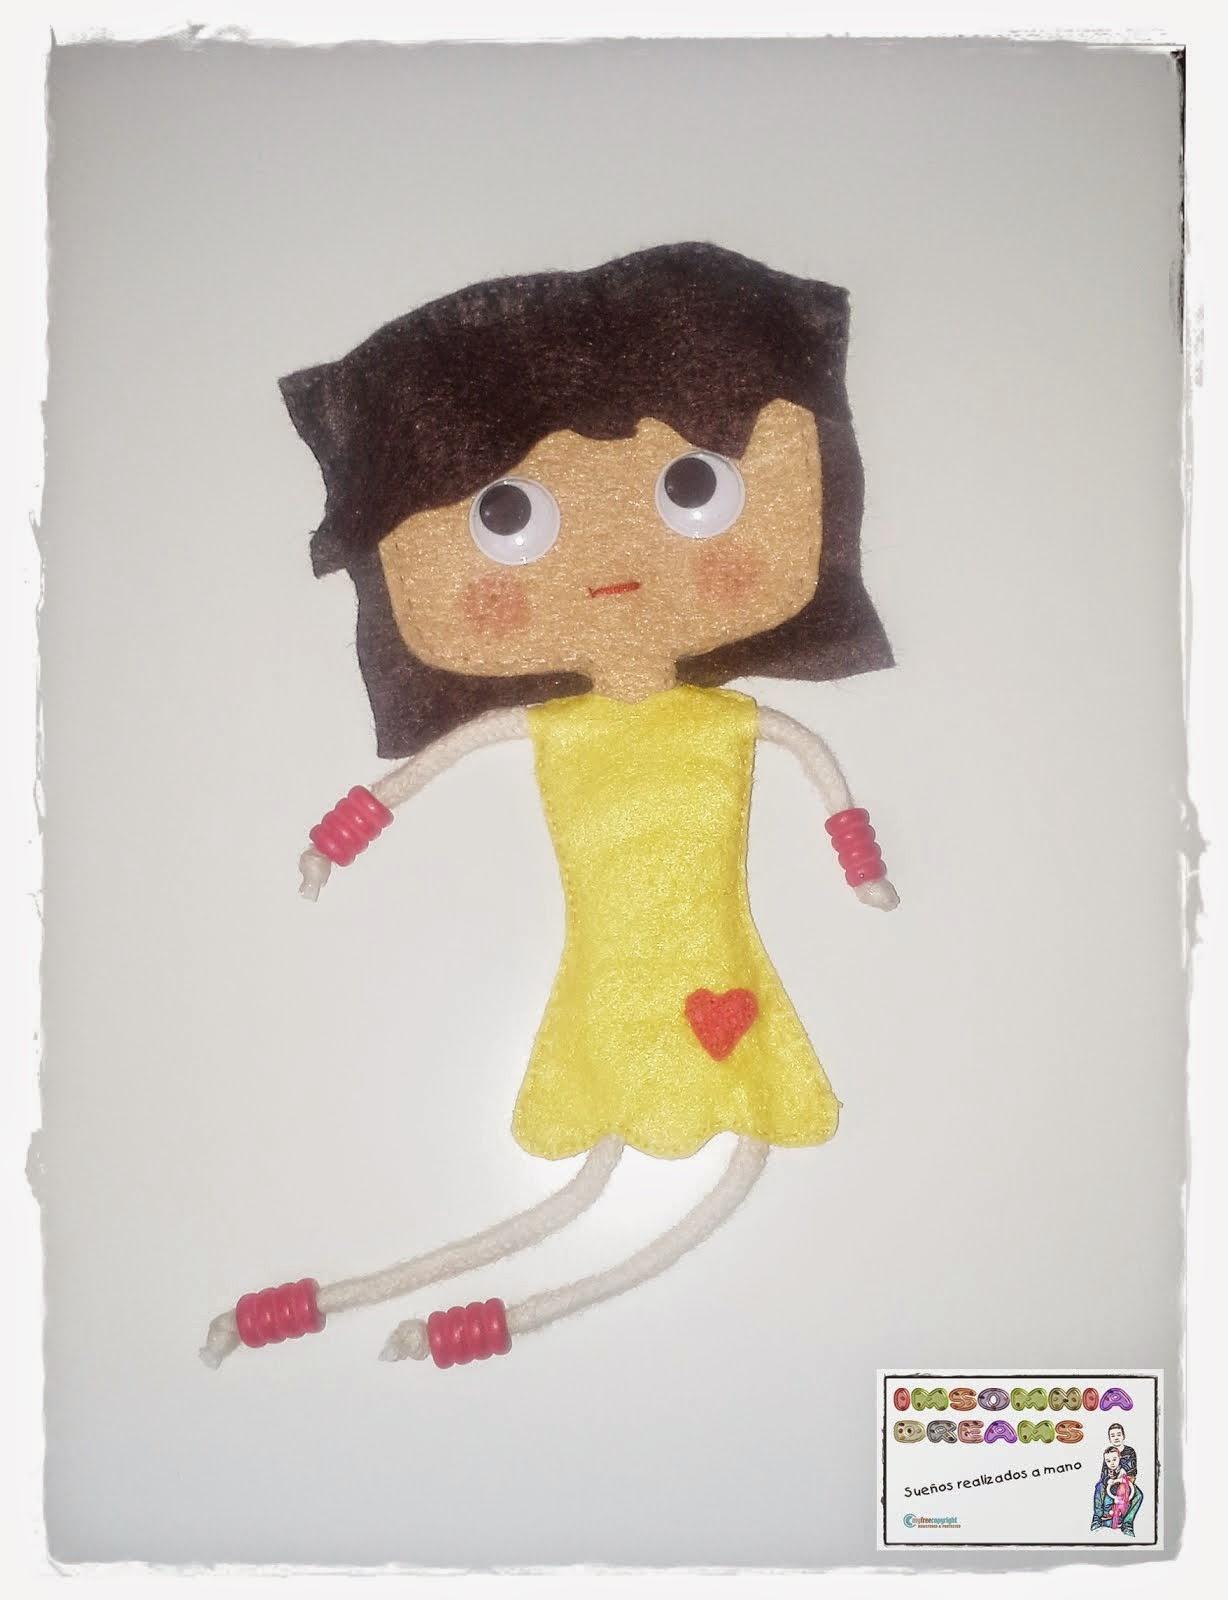 Muñecos para niñ@s